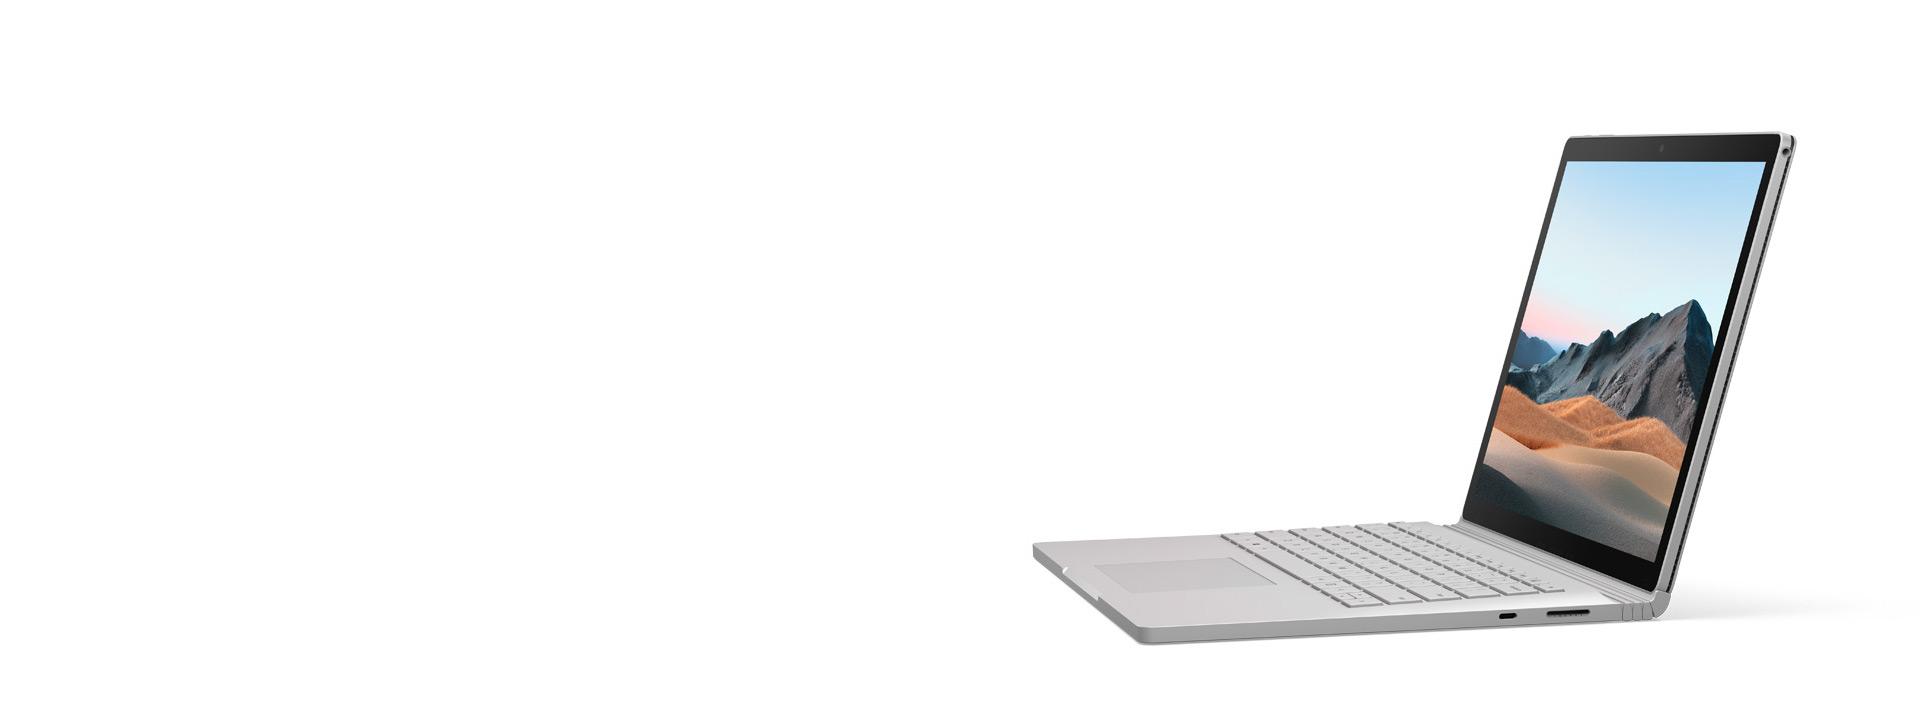 Surface Book 3 mit 13,5-Zoll-PixelSense™-Bildschirm